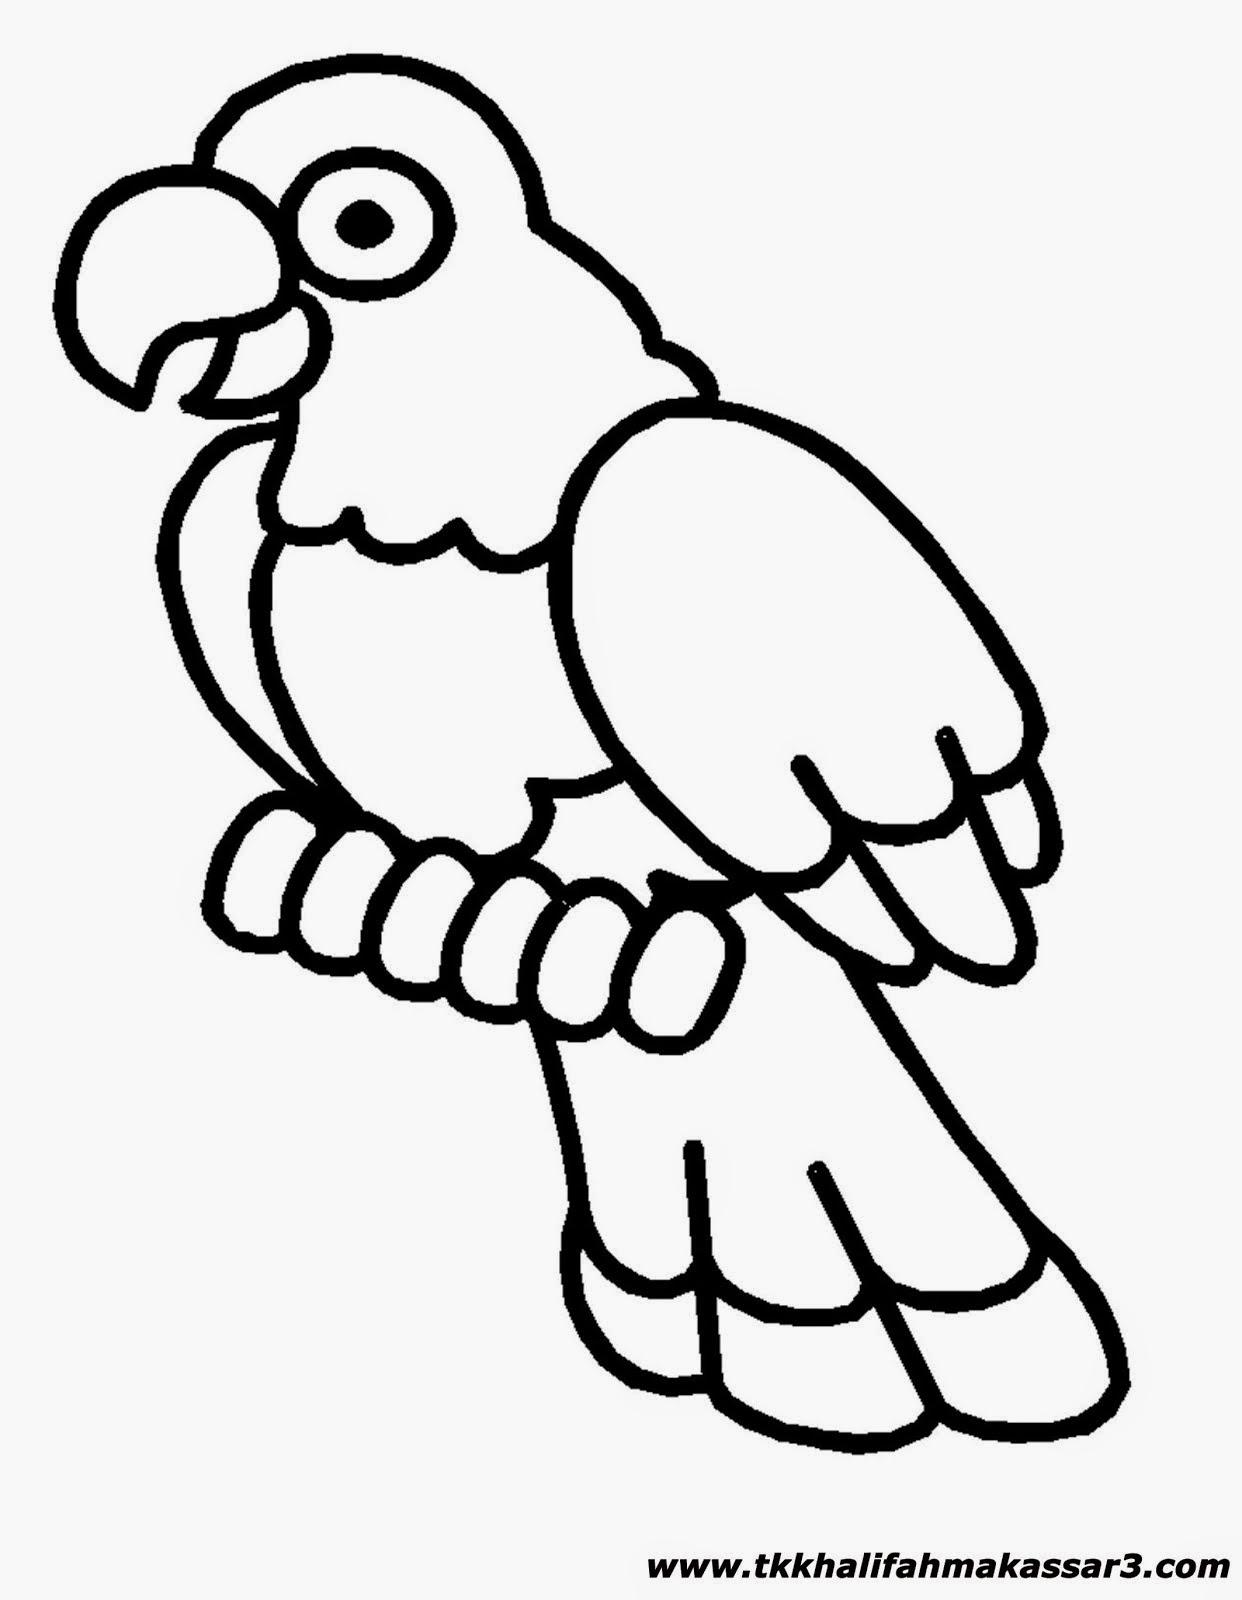 Gambar Mewarnai Burung Terbaik ~ Gambar Mewarnai Lucu